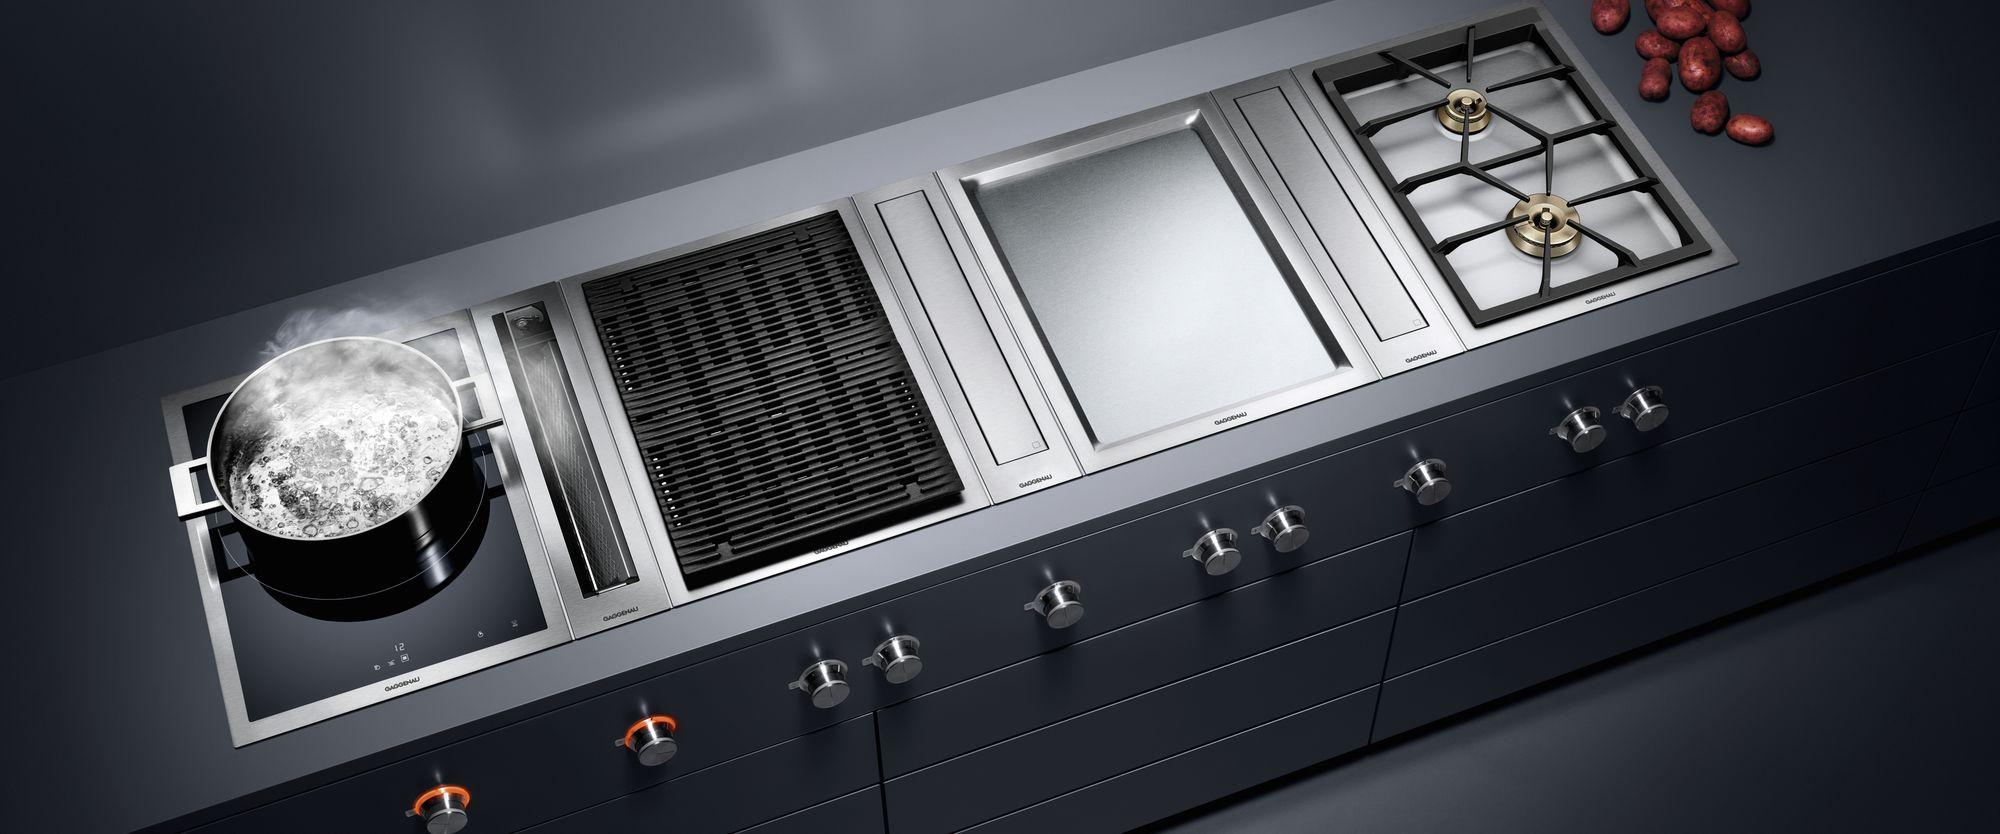 gaggenau cooktops Vario 400 series